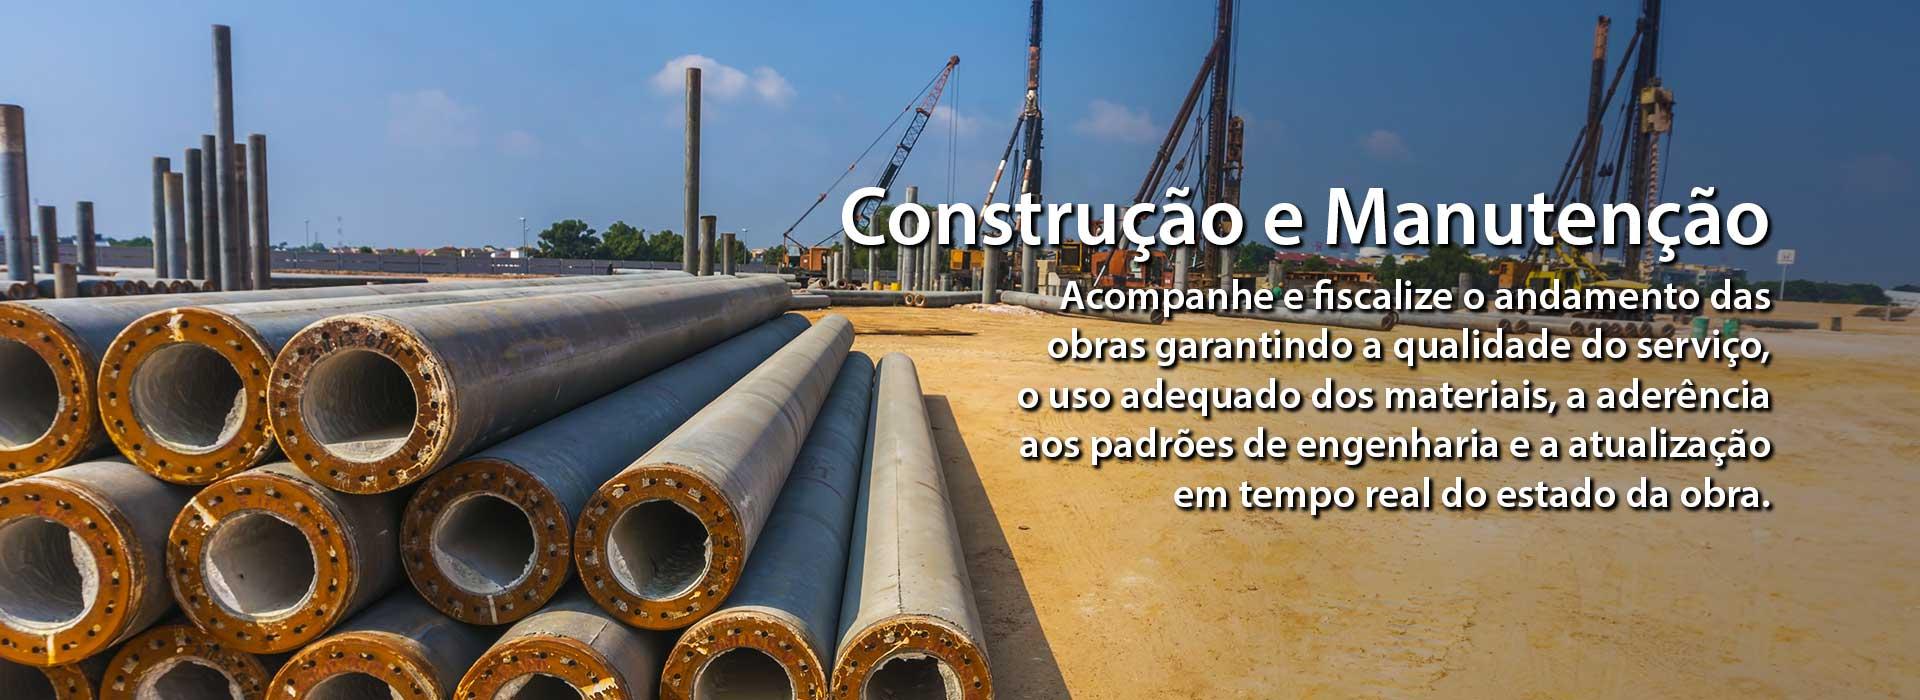 Acompanhe e fiscalize o andamento das obras garantindo a qualidade do serviço, o uso adequado dos materiais, a aderência aos padrões de engenharia e a atualização em tempo real do estado da obra.